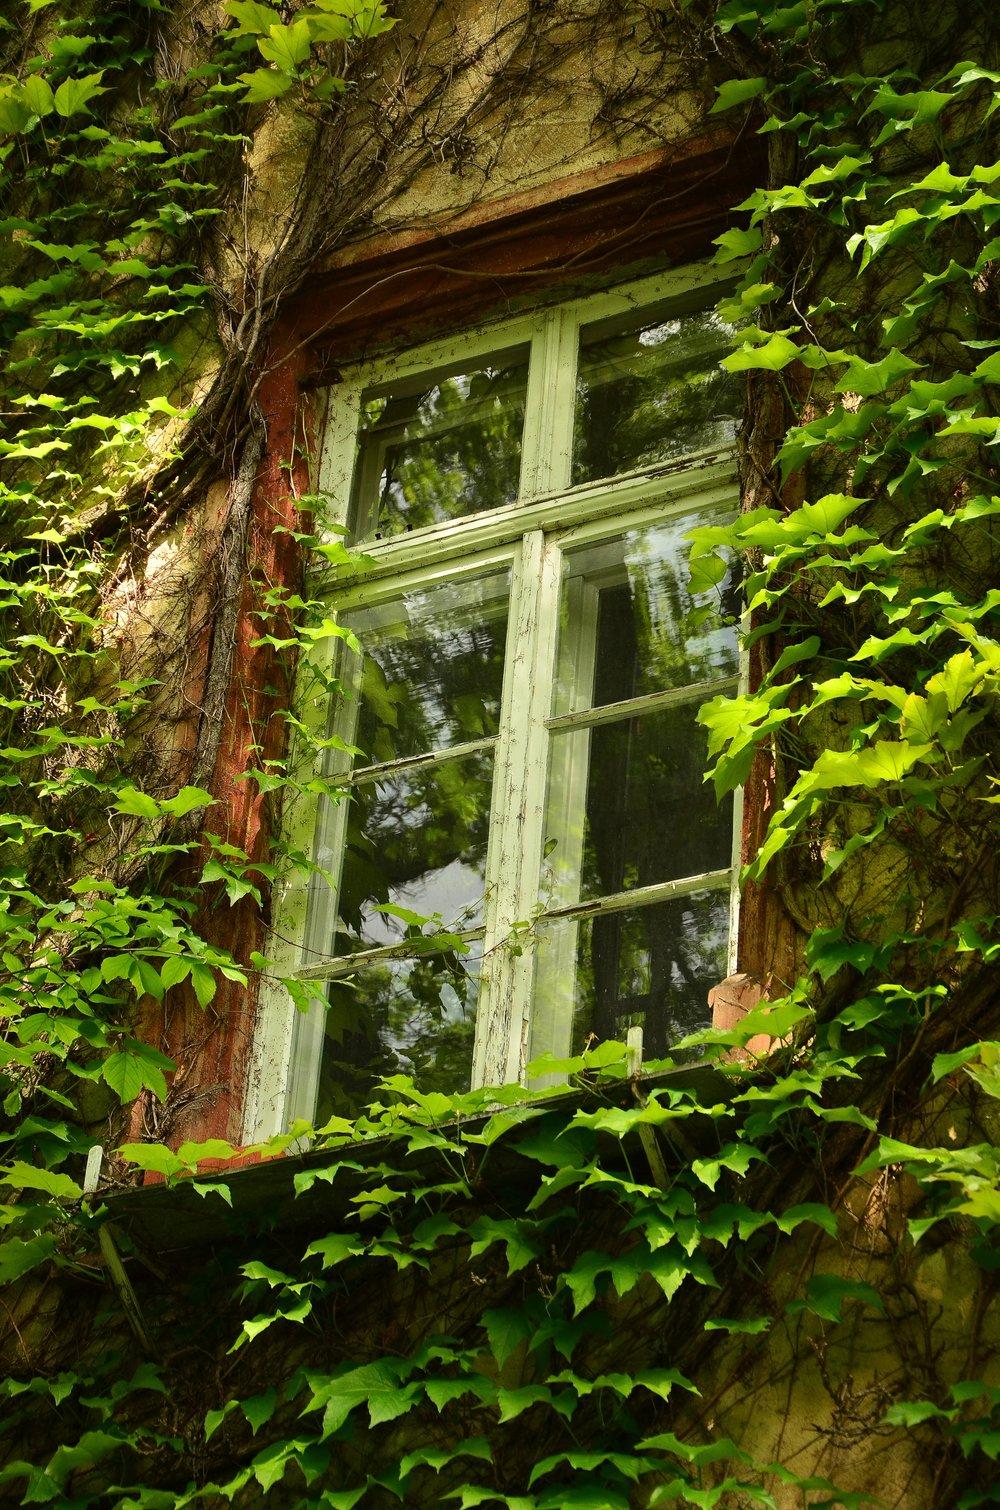 window-1433538.jpg